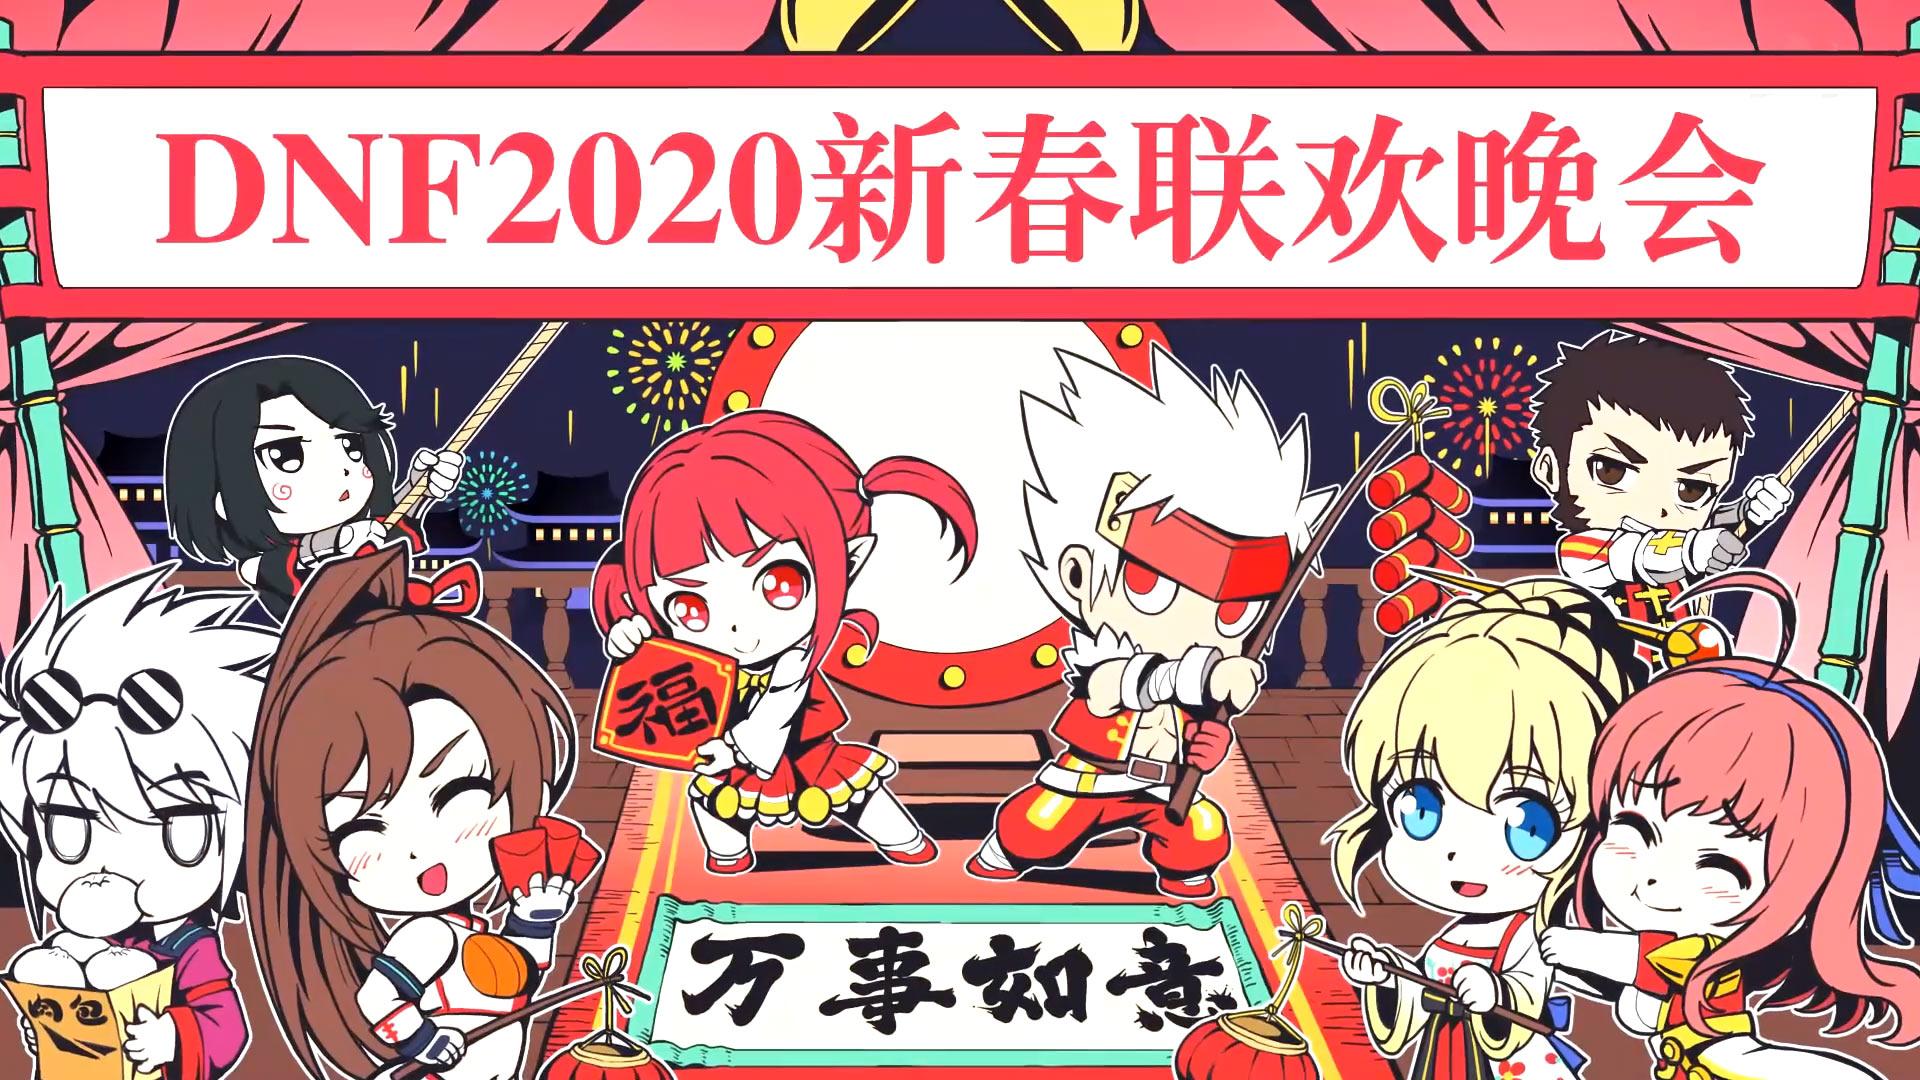 迈向新征程《DNF》2020新春晚会风靡网络